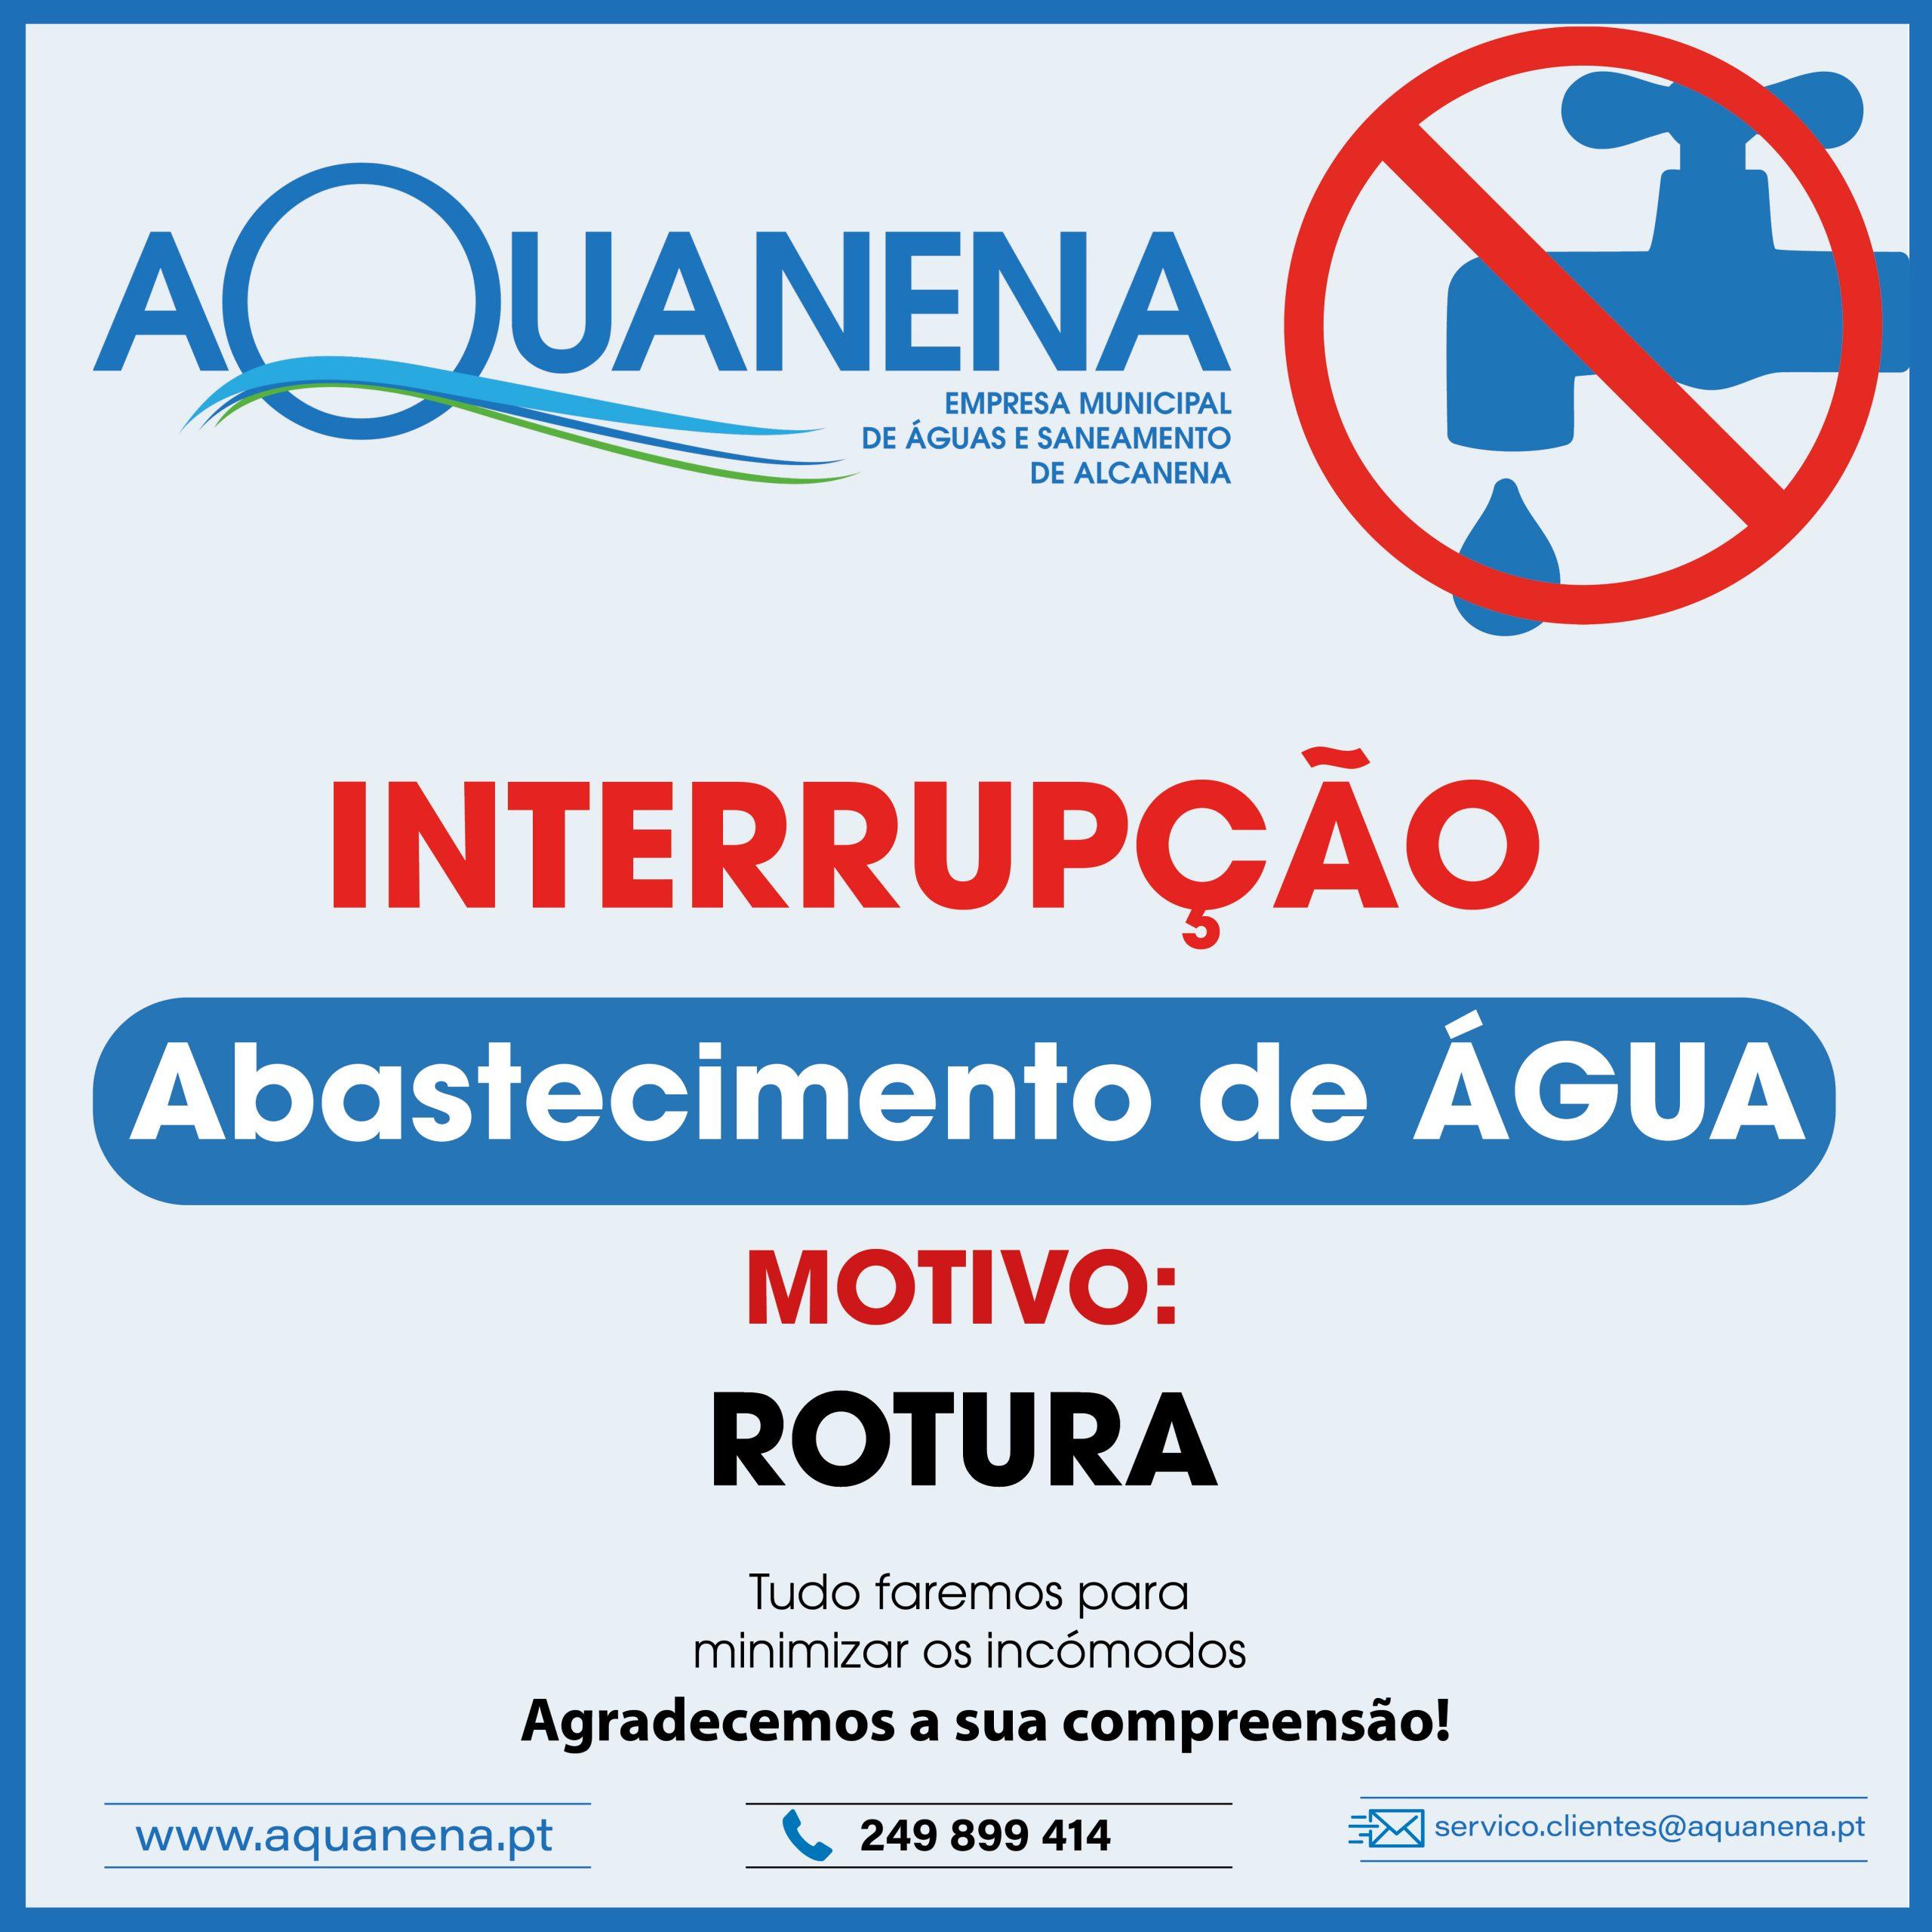 INTERRUPÇÃO DO ABASTECIMENTO de água em ALCANENA